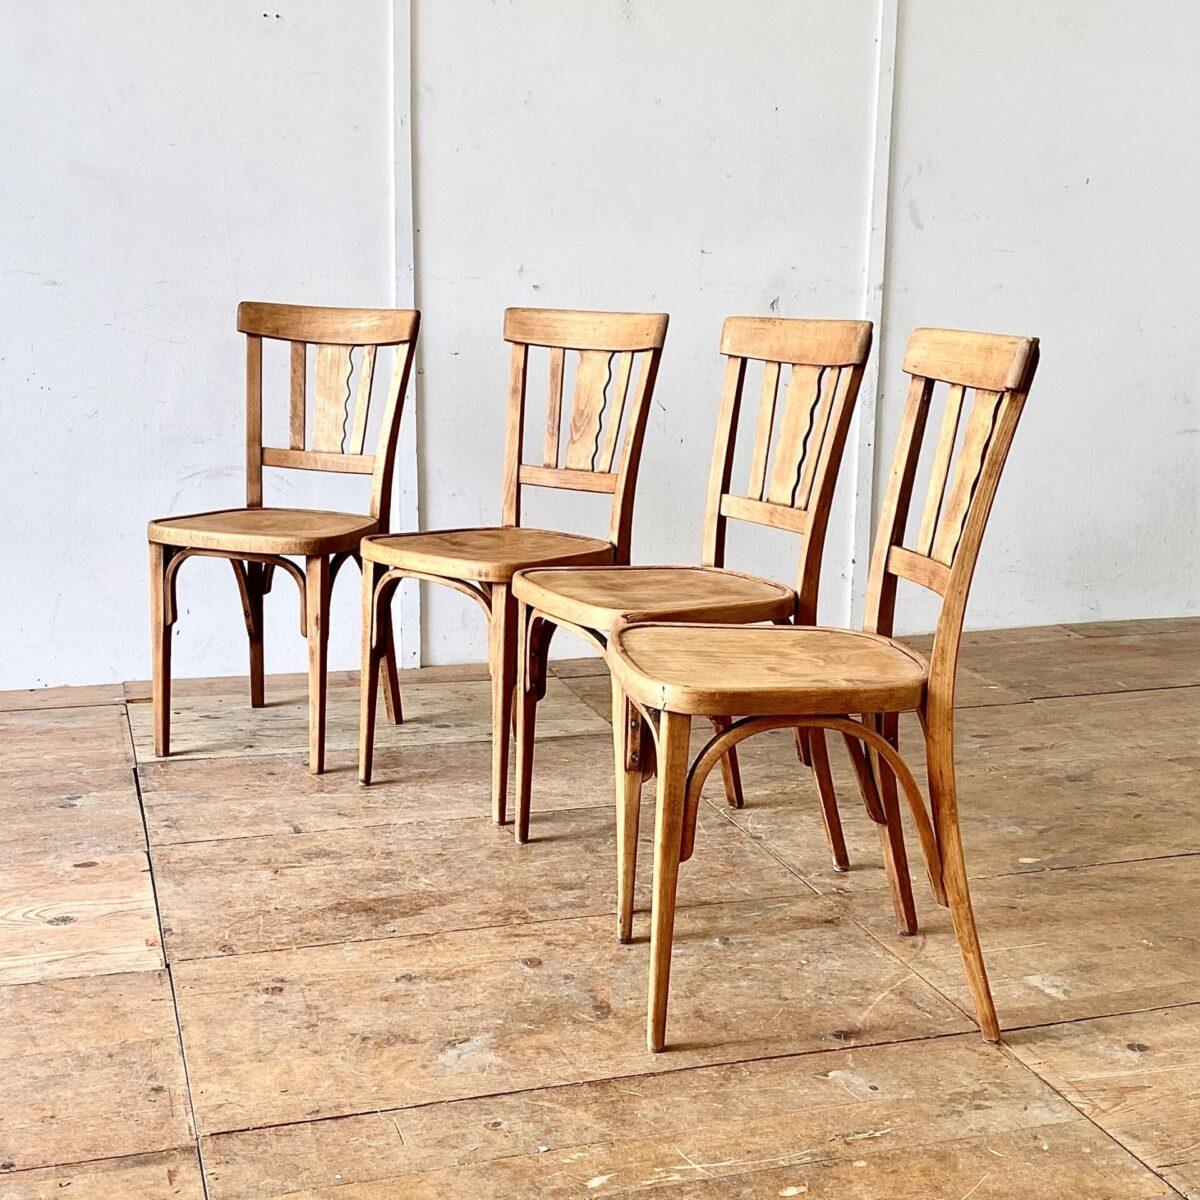 Deuxieme.shop vintage Beizenstühle. 4er Set Bistrostühle von horgenglarus. Diese Stühle wurden mal geschliffen und geölt. Sie haben eine schöne warm-matte Farbe, und trotzdem noch etwas Alterspatina. Technisch sind sie in stabilem funktionalen Zustand.